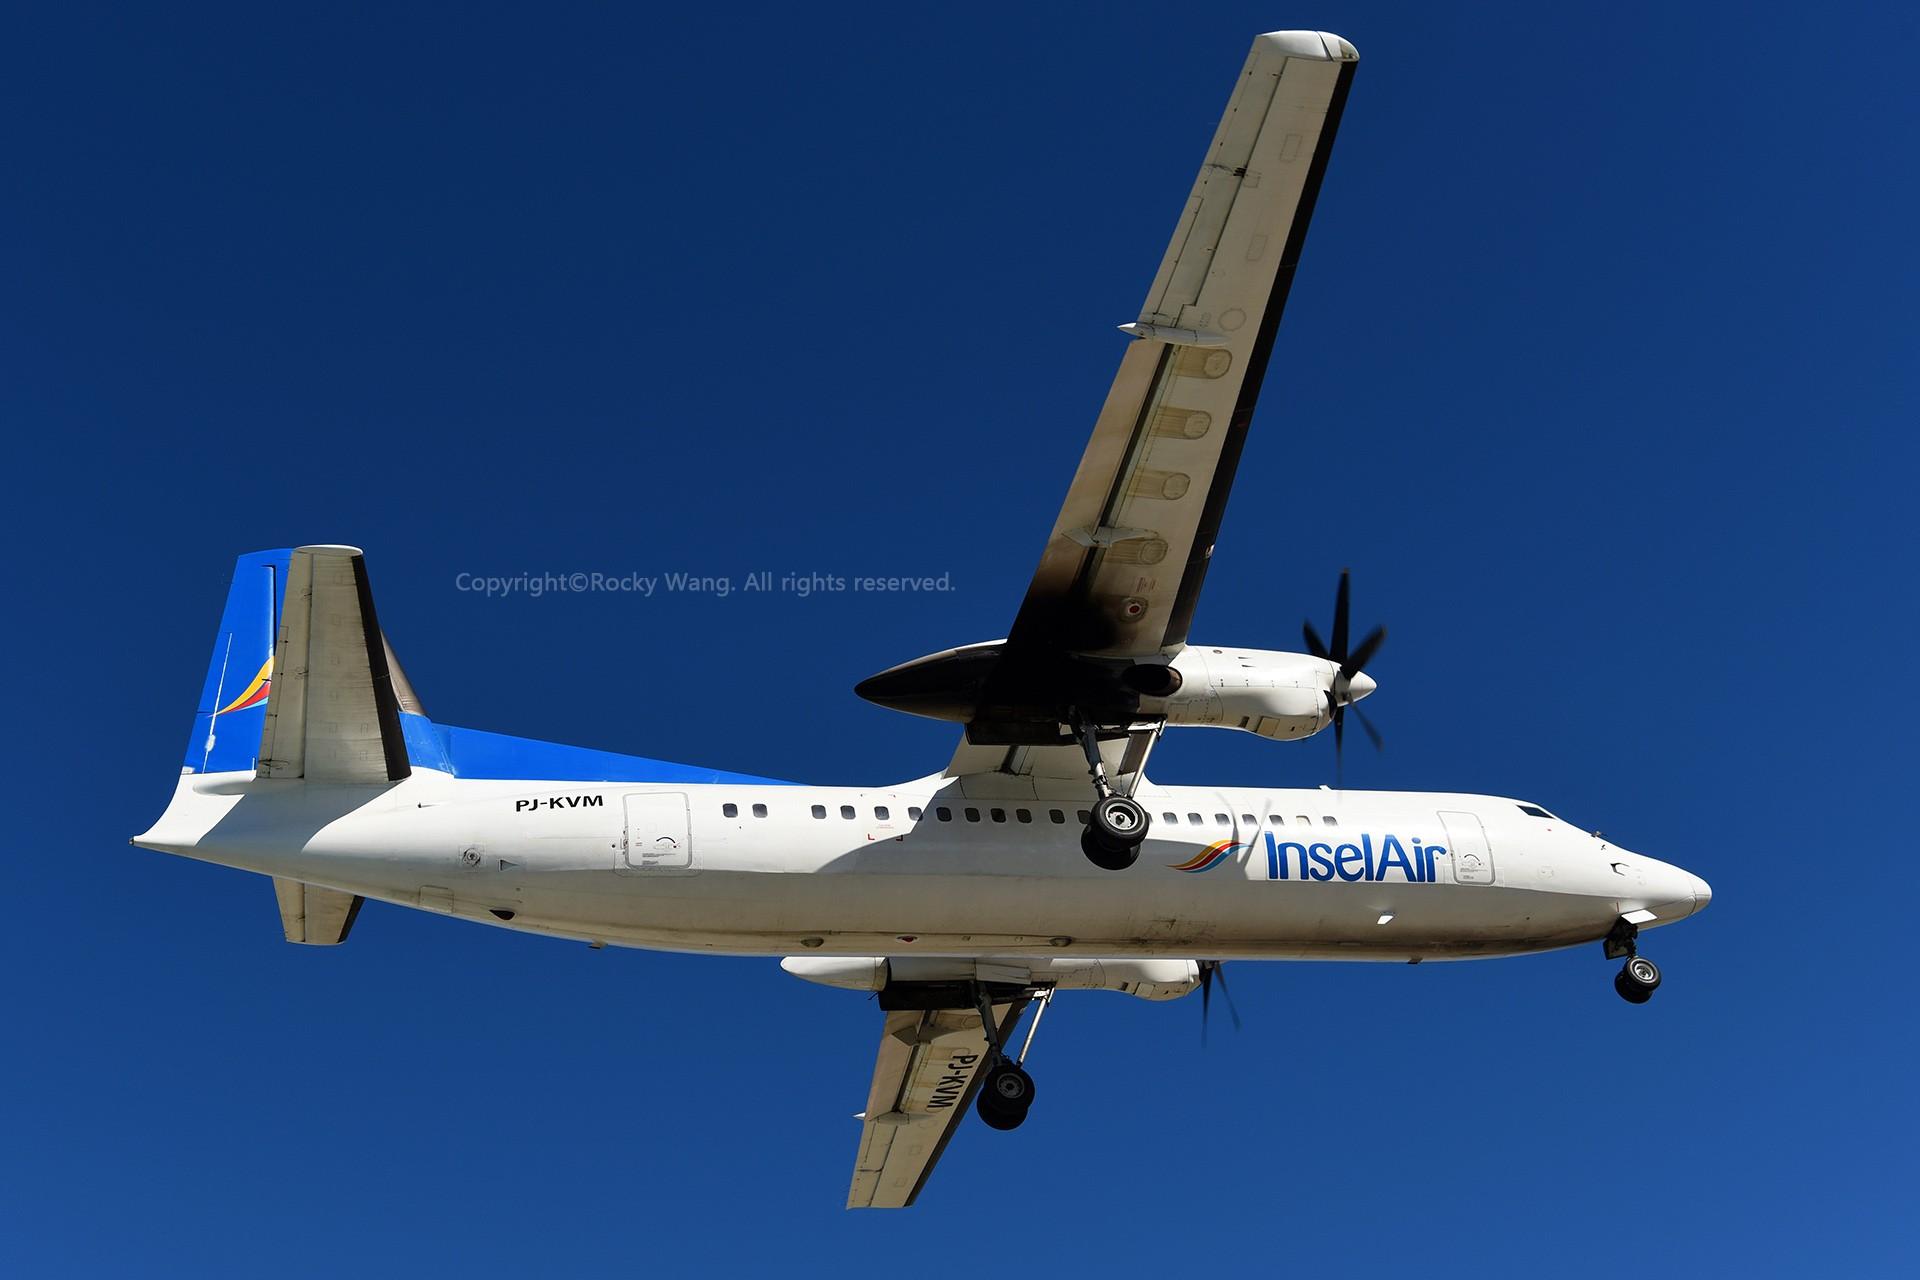 Re:[原创]My endless Caribbean dream——圣马丁朱莉安娜公主机场拍机记 FOKKER 50 PJ-KVM 荷属安的列斯群岛朱利安娜公主机场